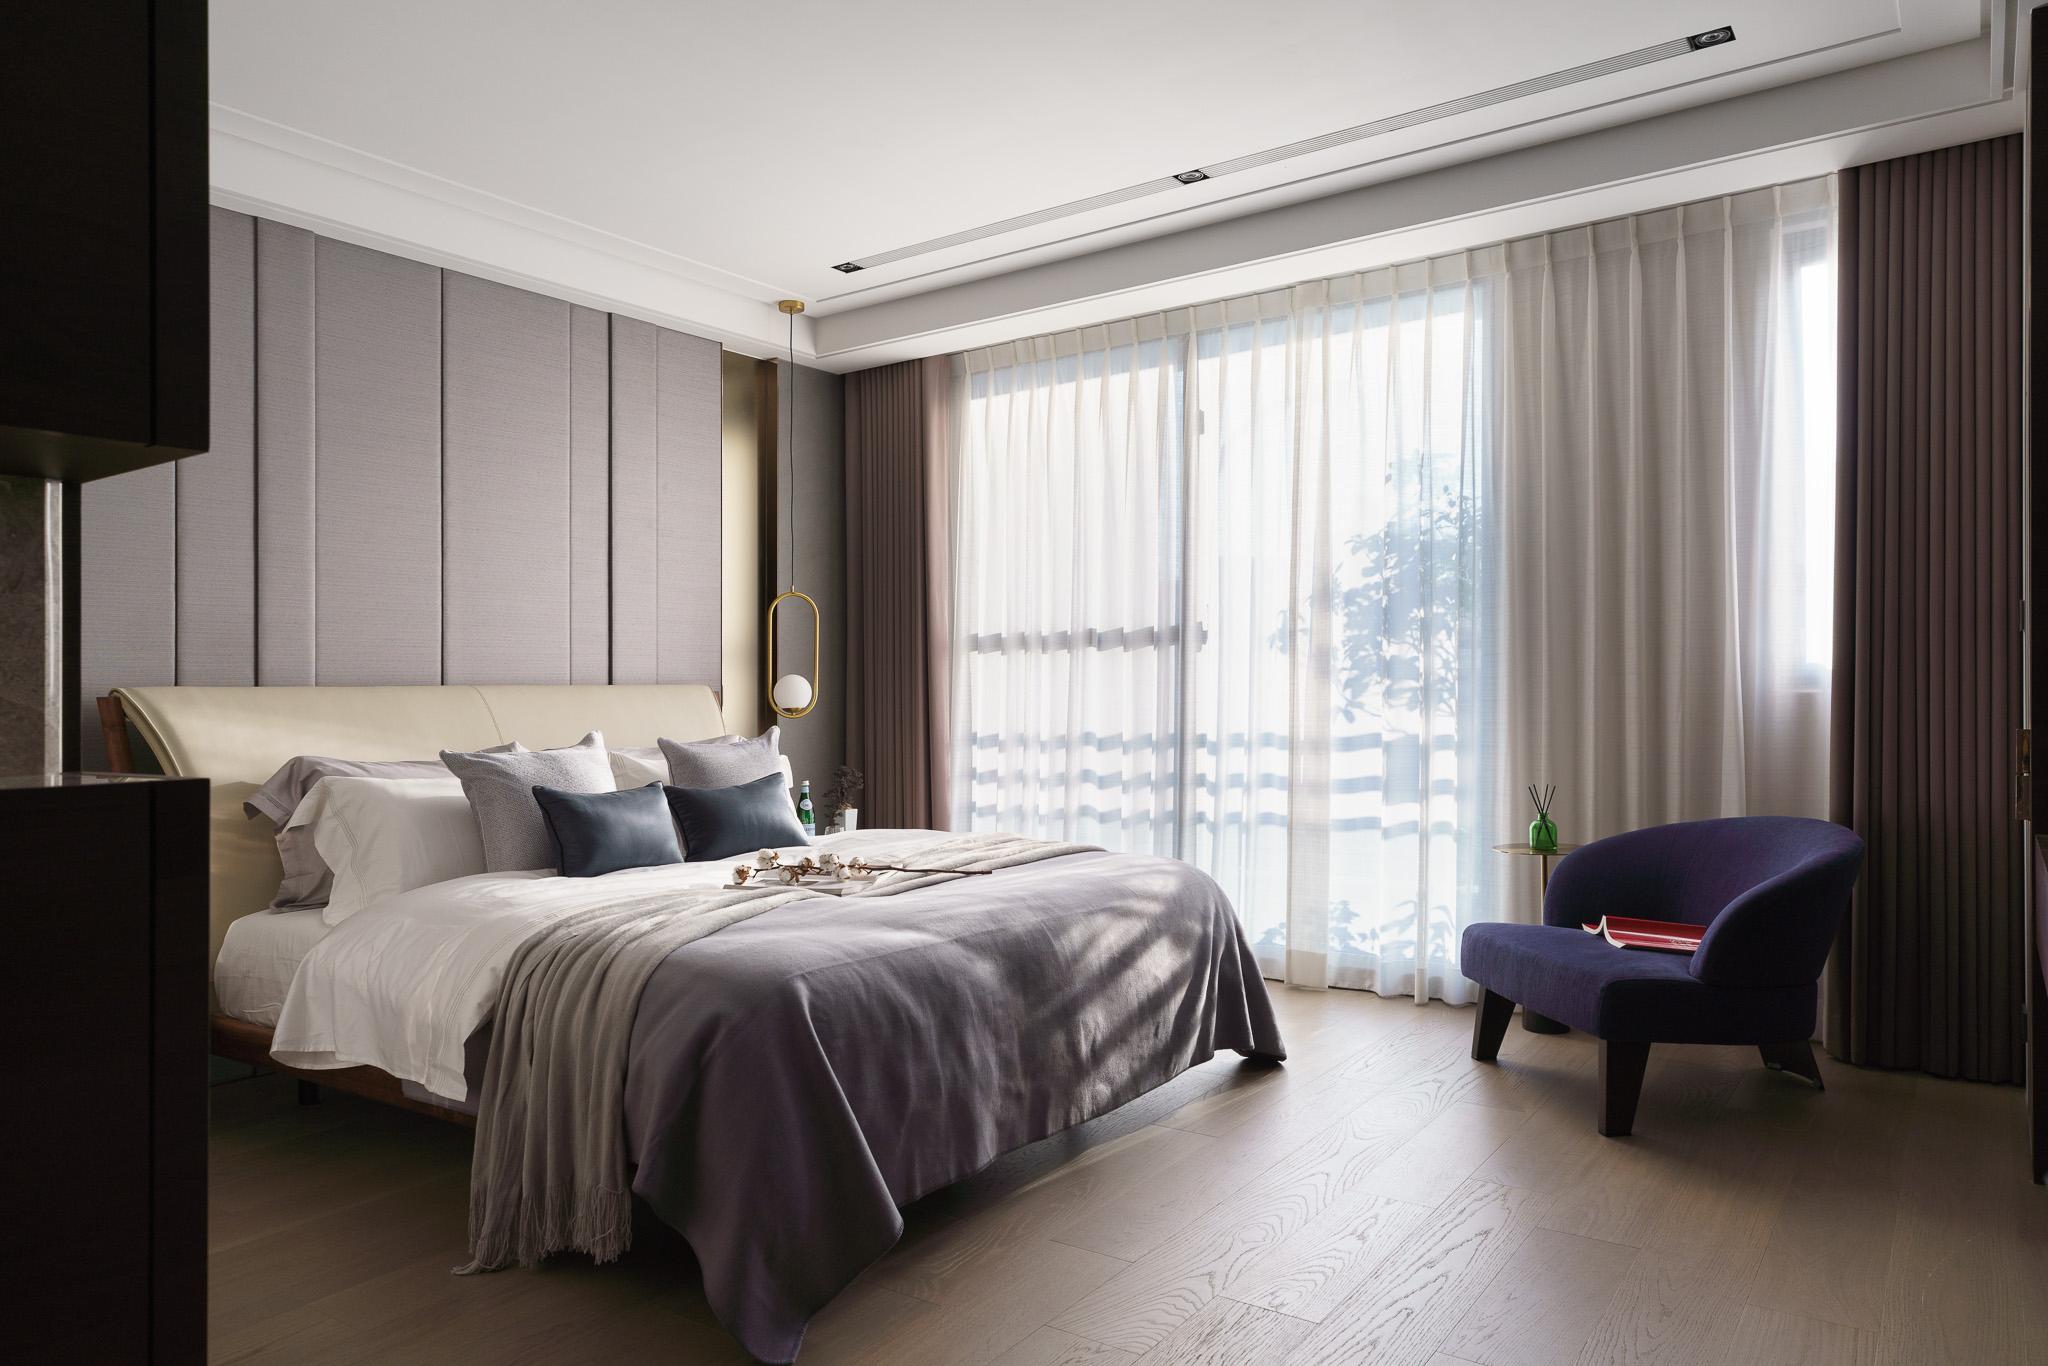 Kiến trúc sư tư vấn thiết kế căn hộ 50m² cho người trẻ độc thân với chi phí 134 triệu đồng - Ảnh 9.